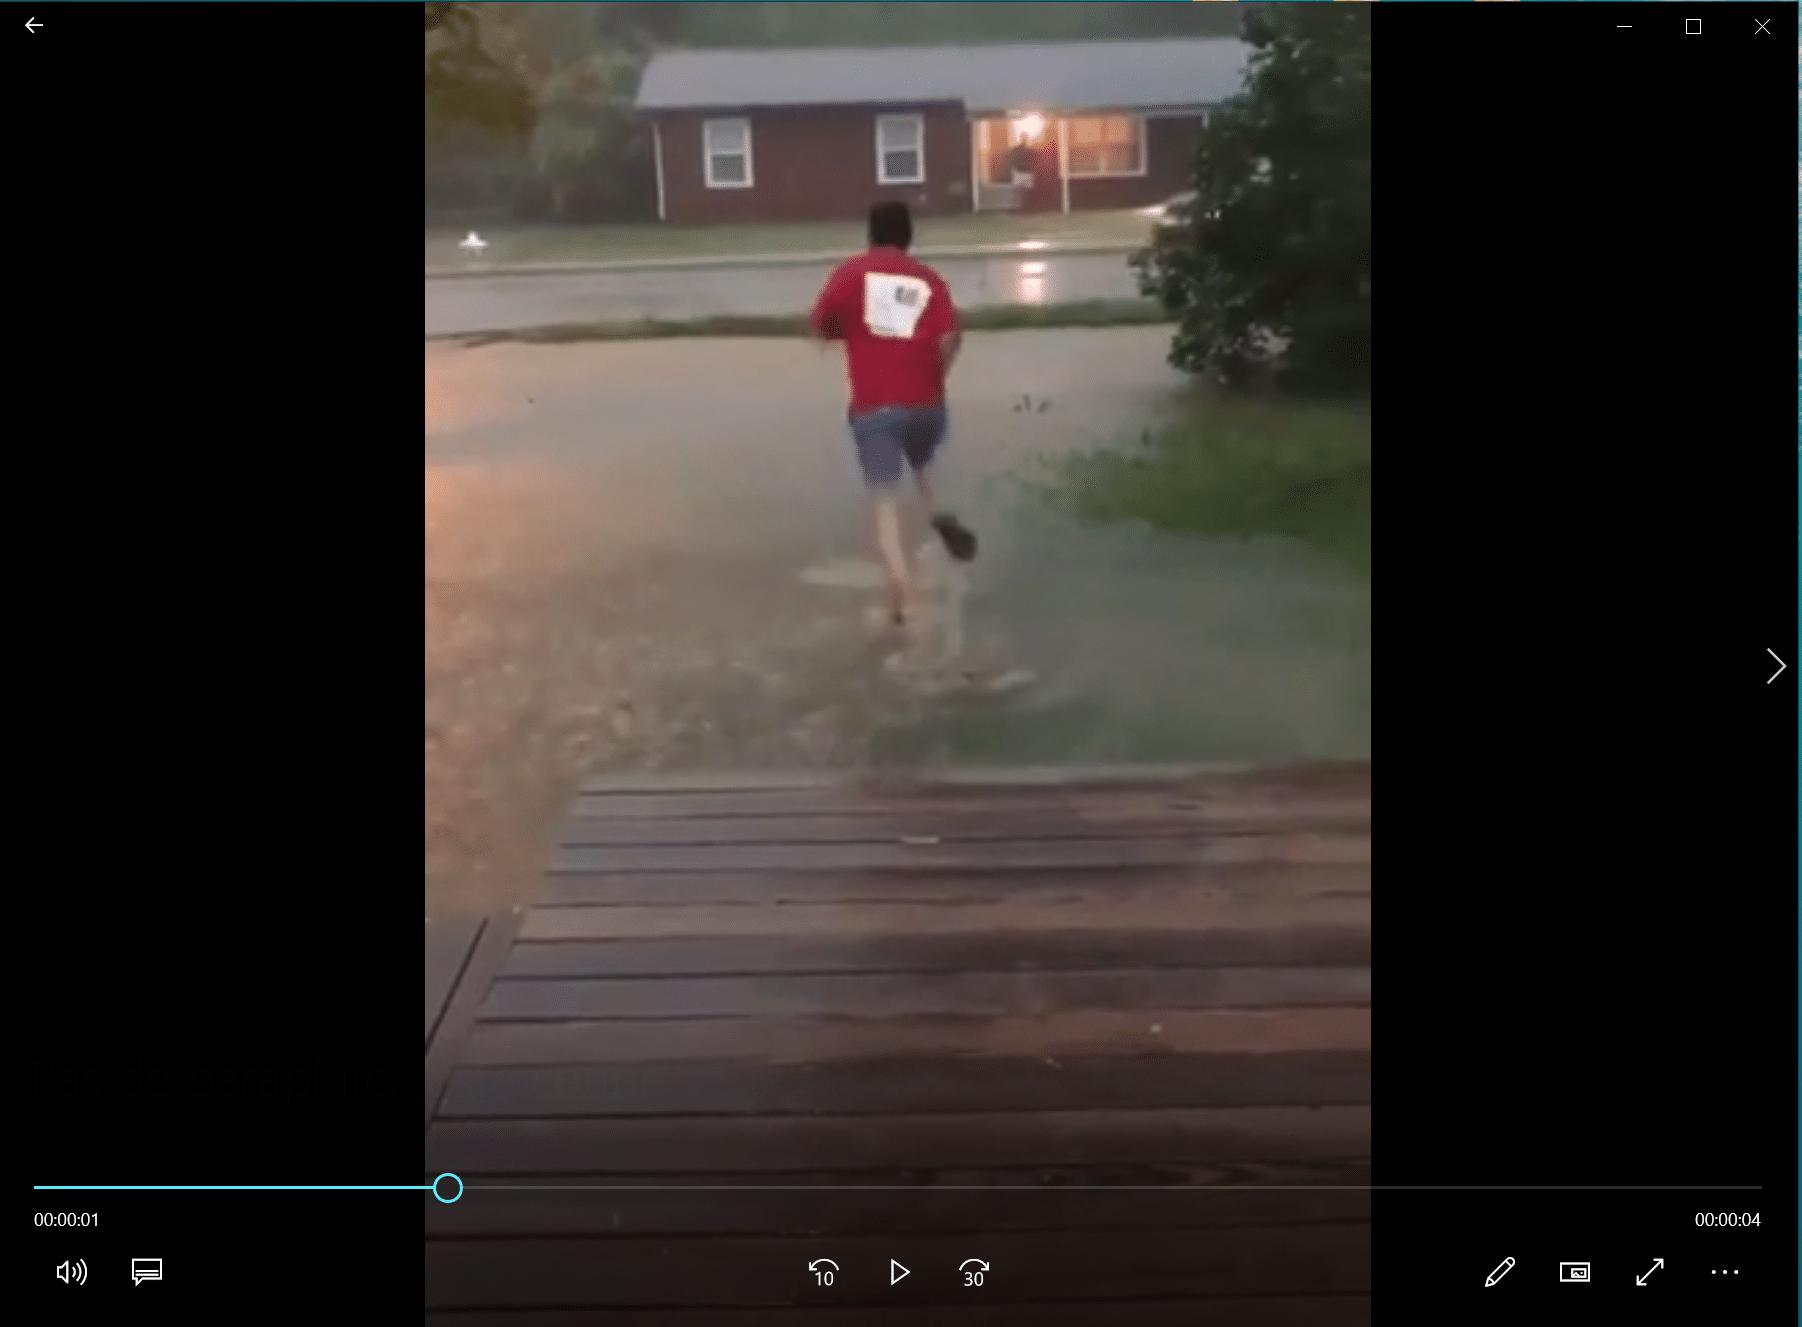 Pas de parapluie, juste courir